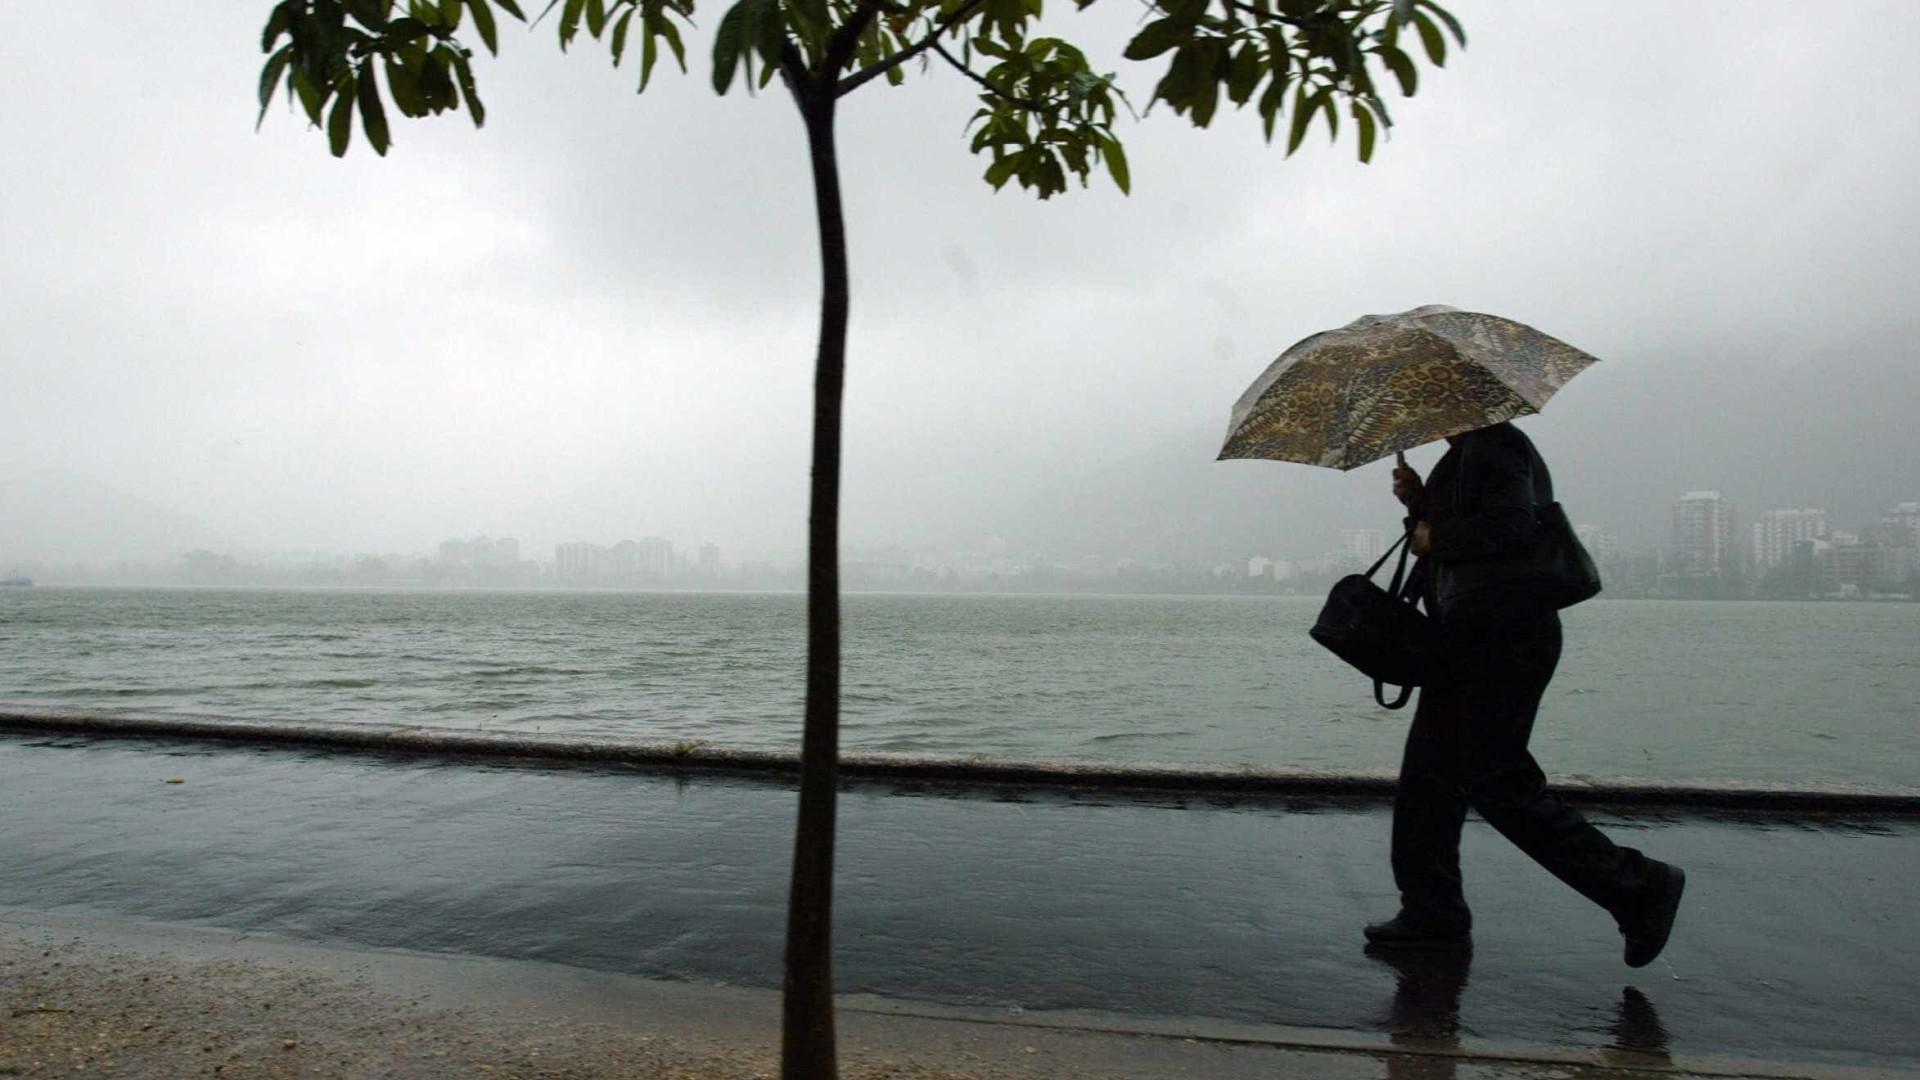 Com chegada de frente fria, Rio terá ventos fortes, chuva e raios